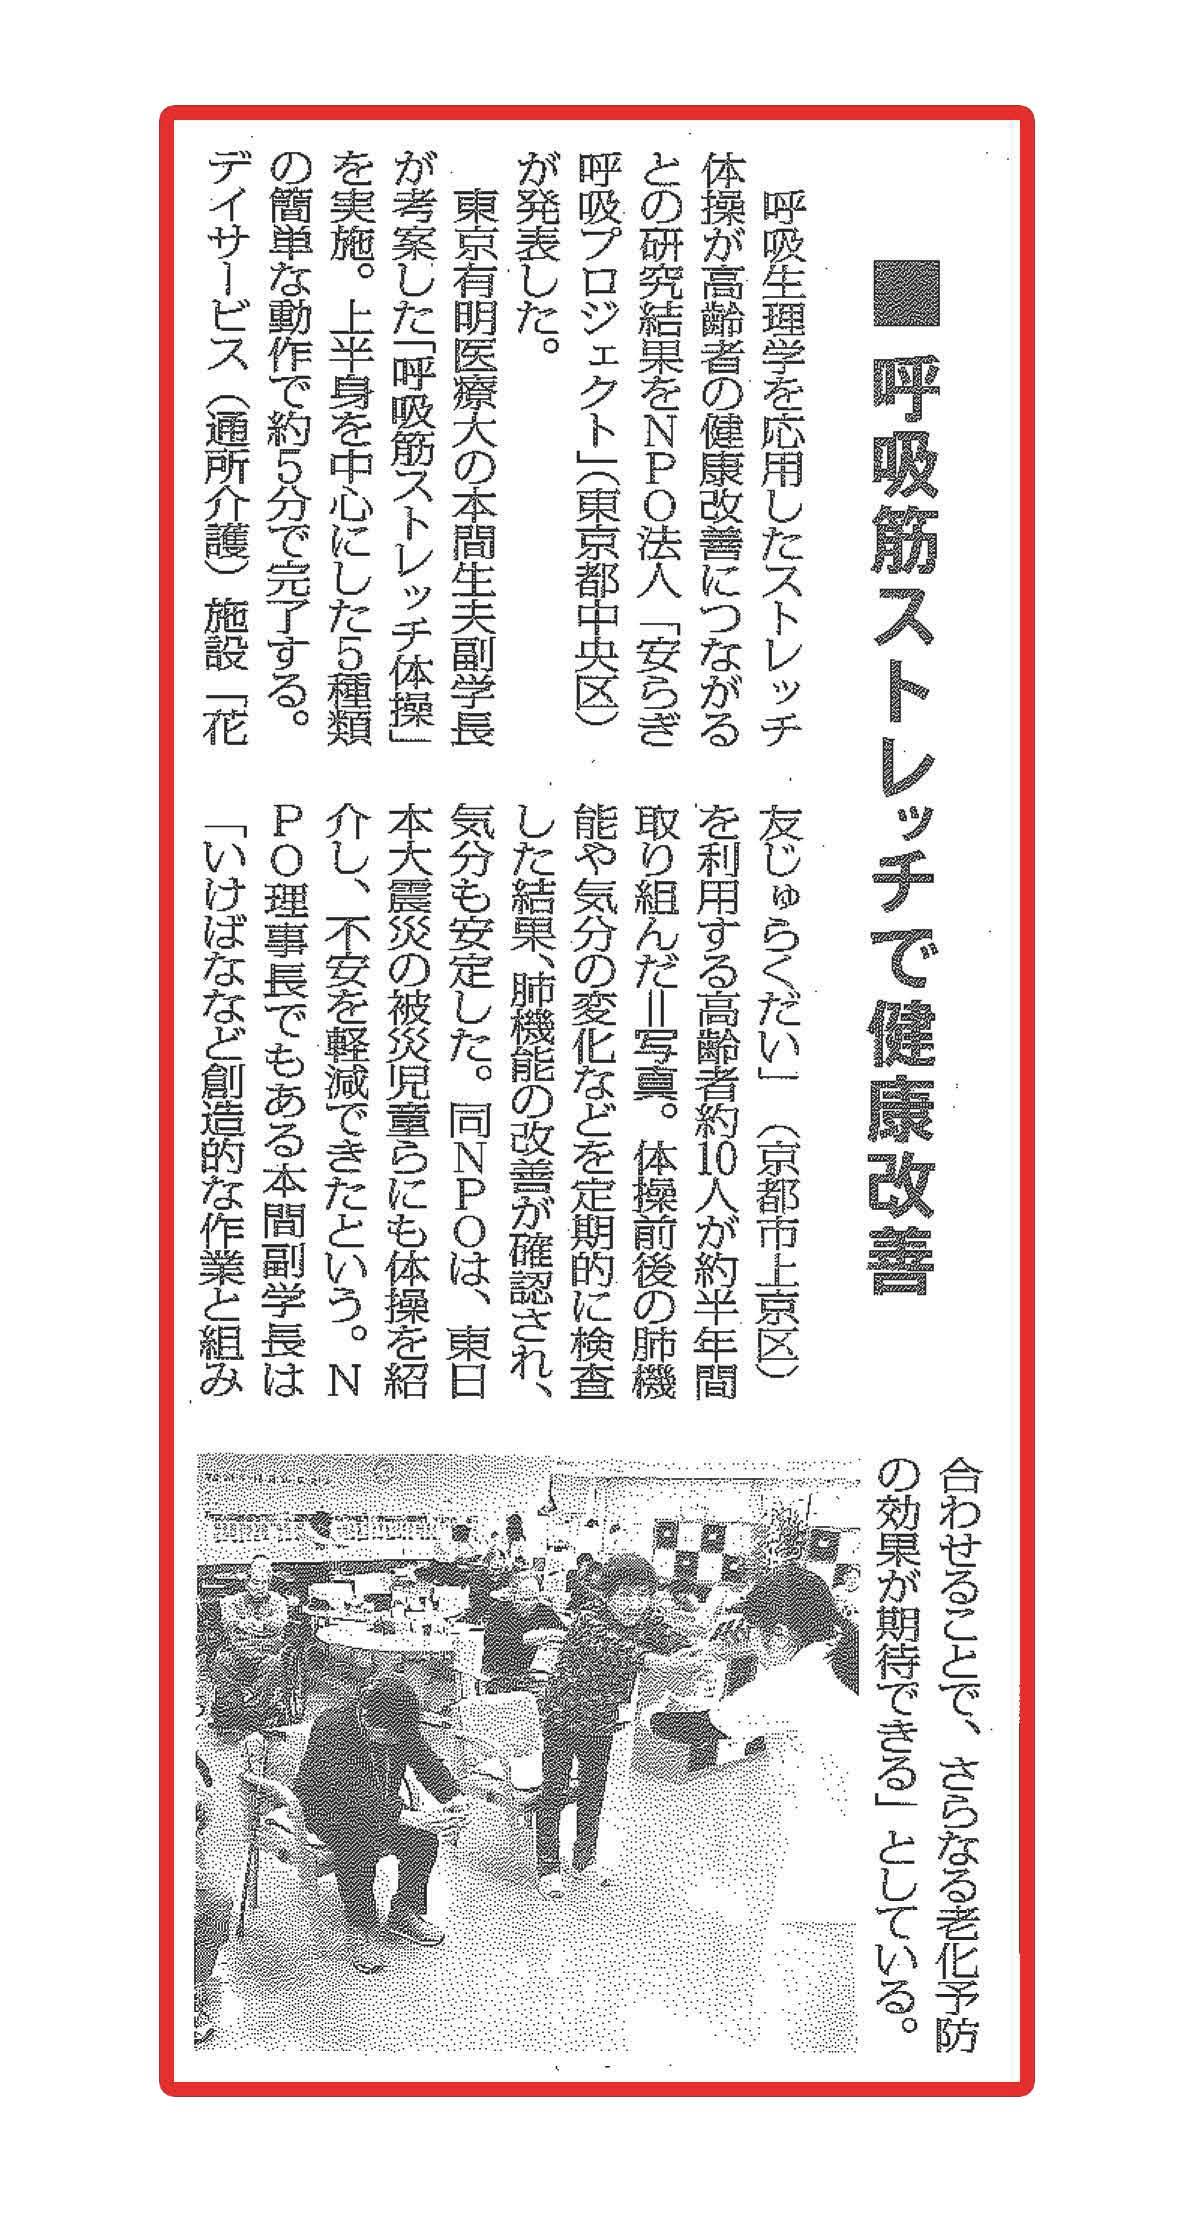 【毎日新聞記事掲載】呼吸筋ストレッチで健康改善20170109東京本社版_ページ_2